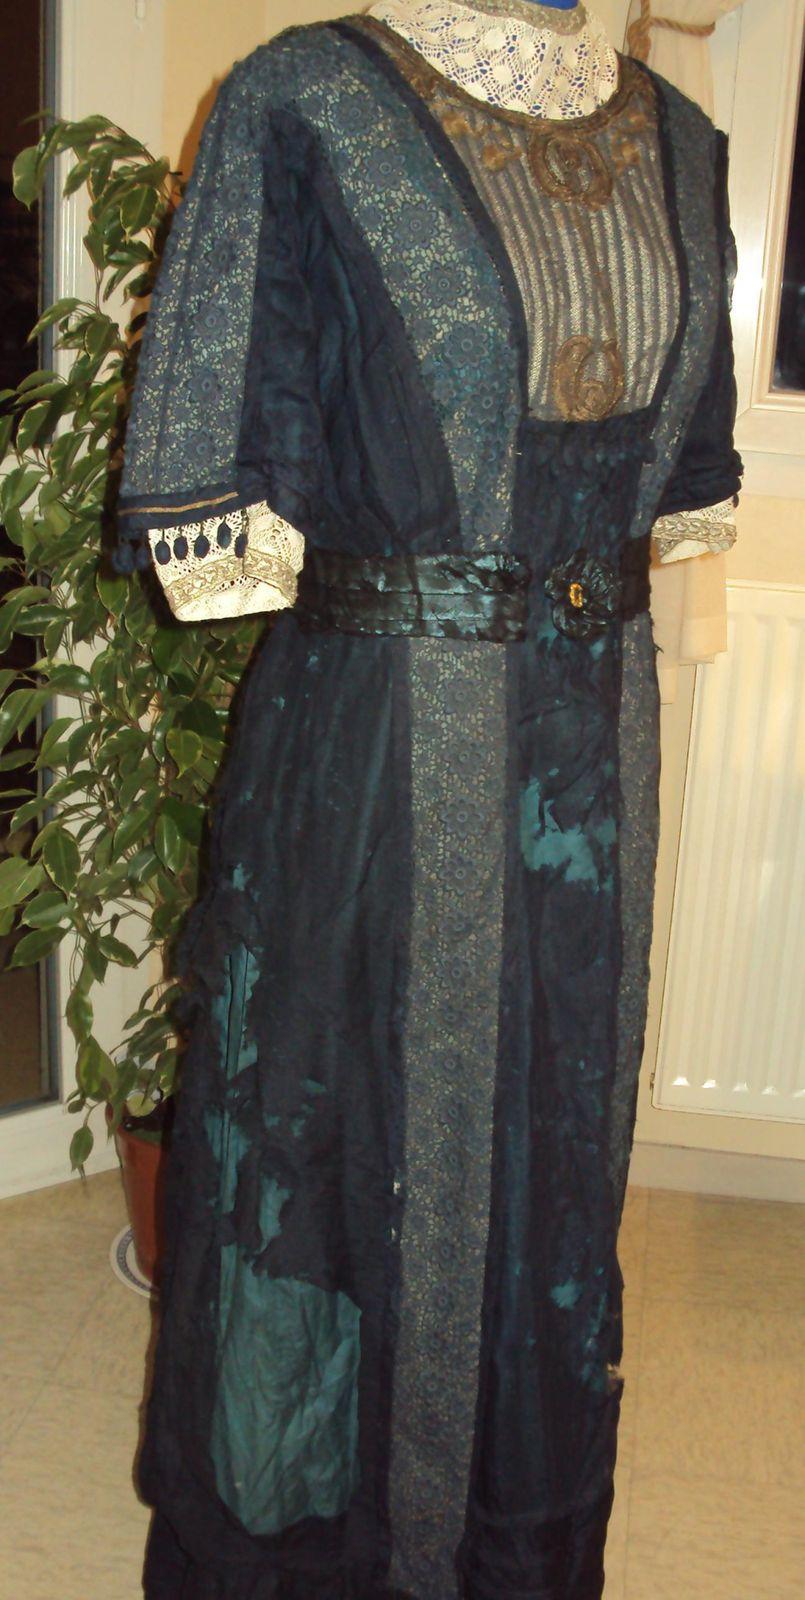 Restauration d'une robe ancienne